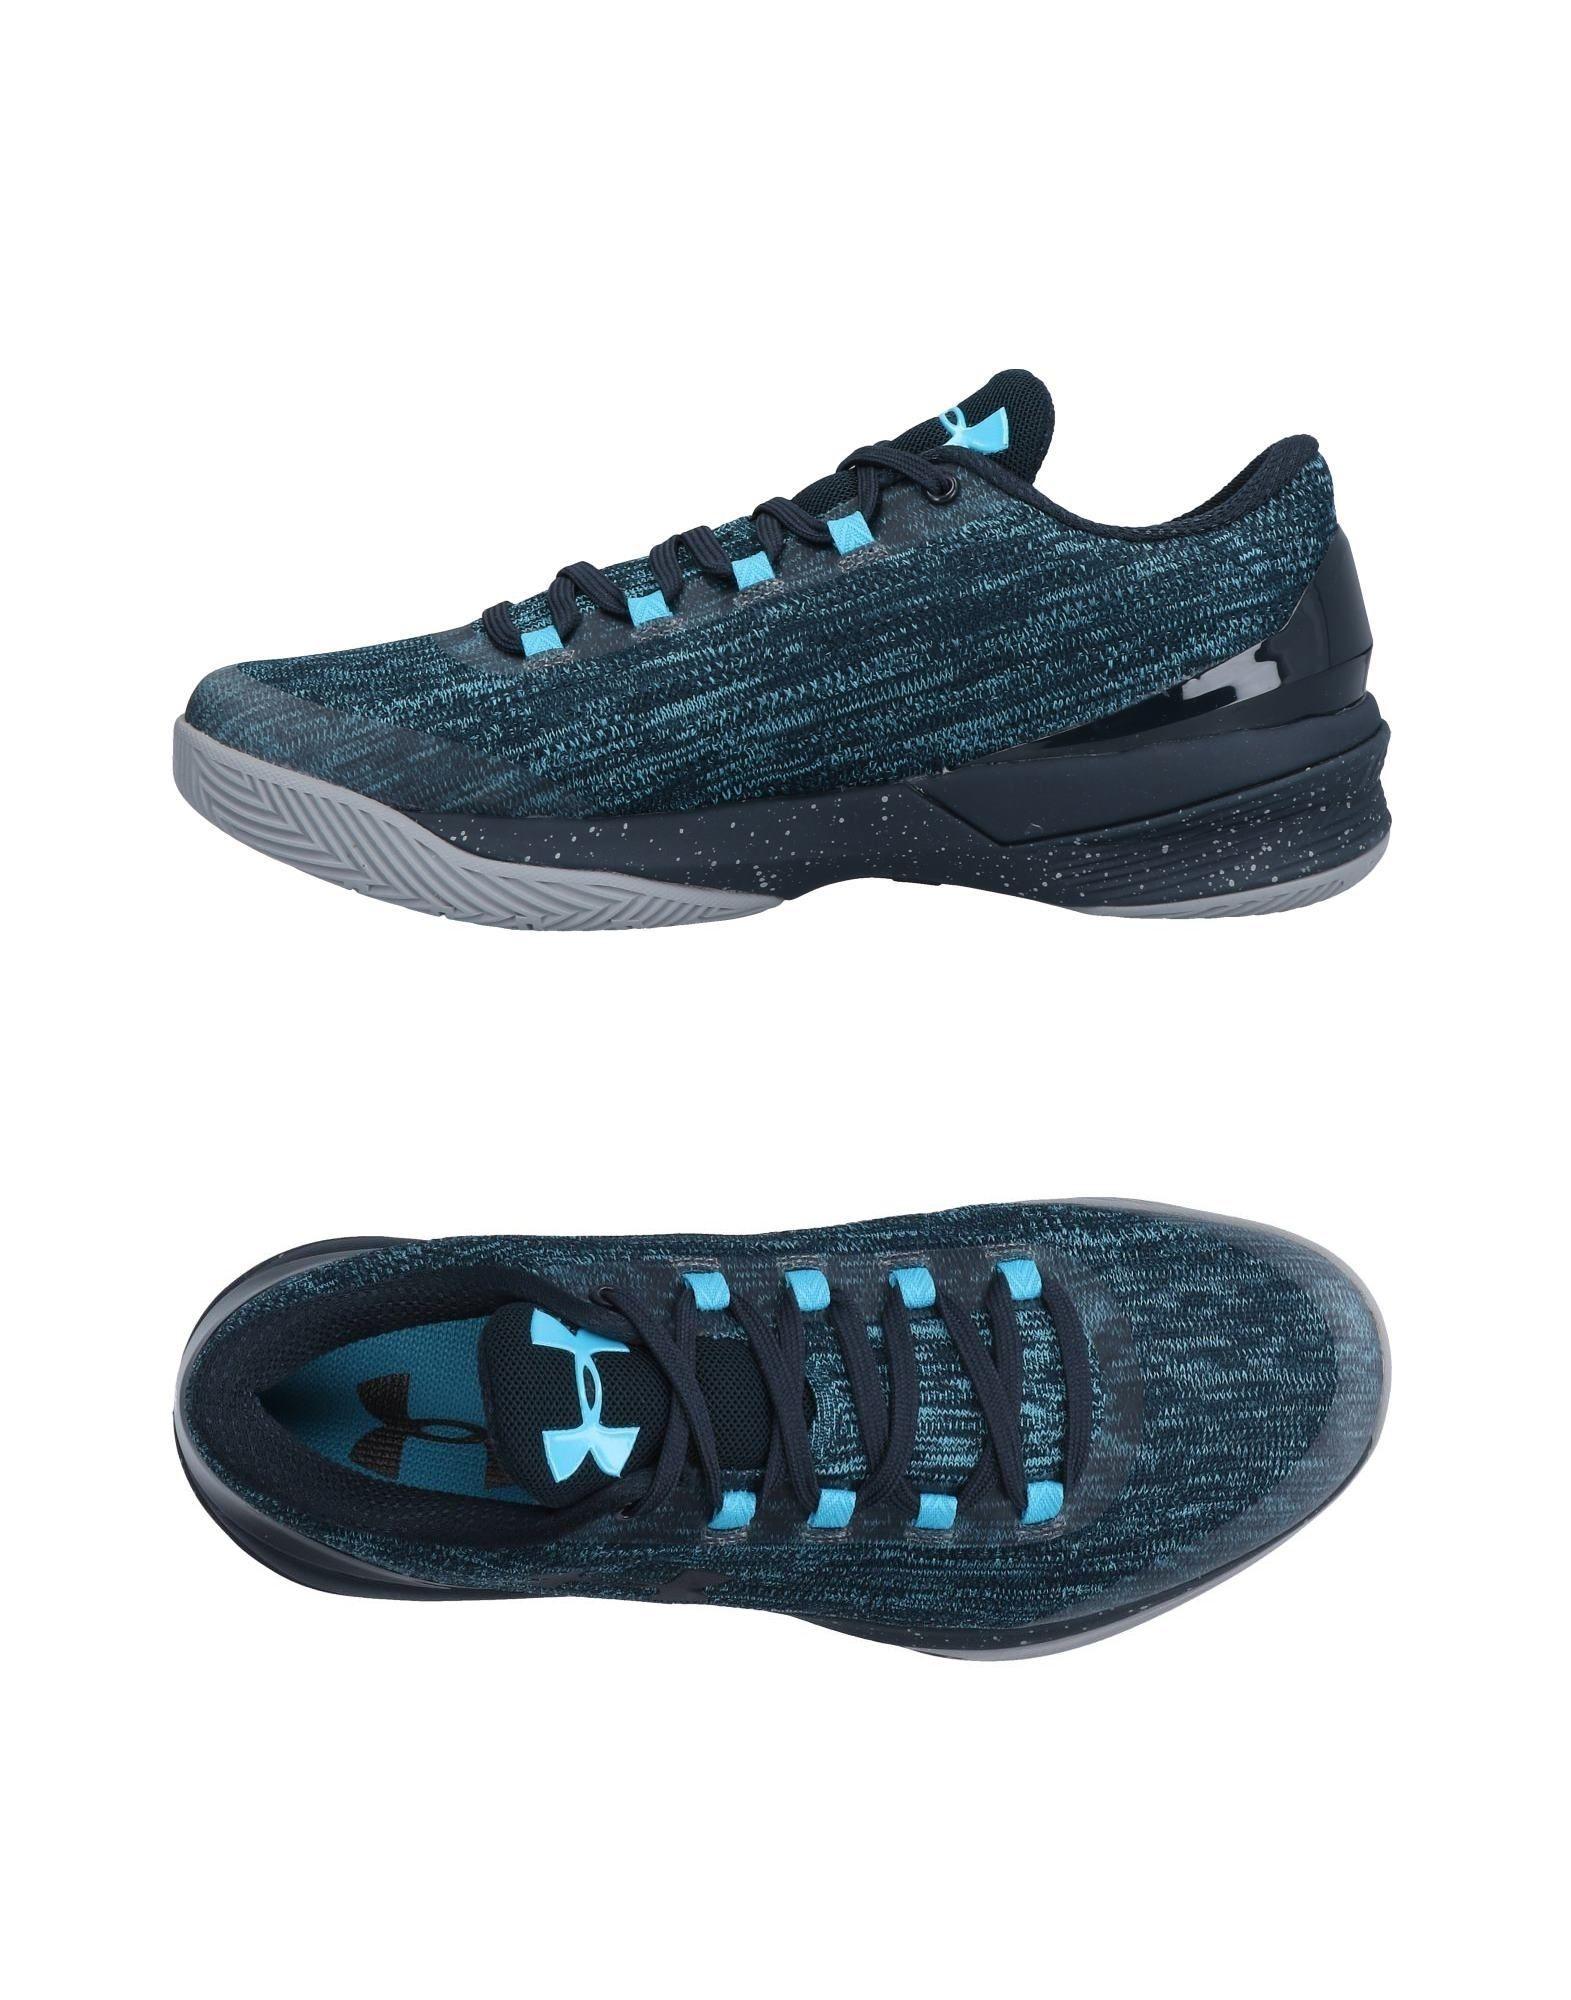 Rabatt echte Schuhe Under Armour Sneakers Herren  11509055BK